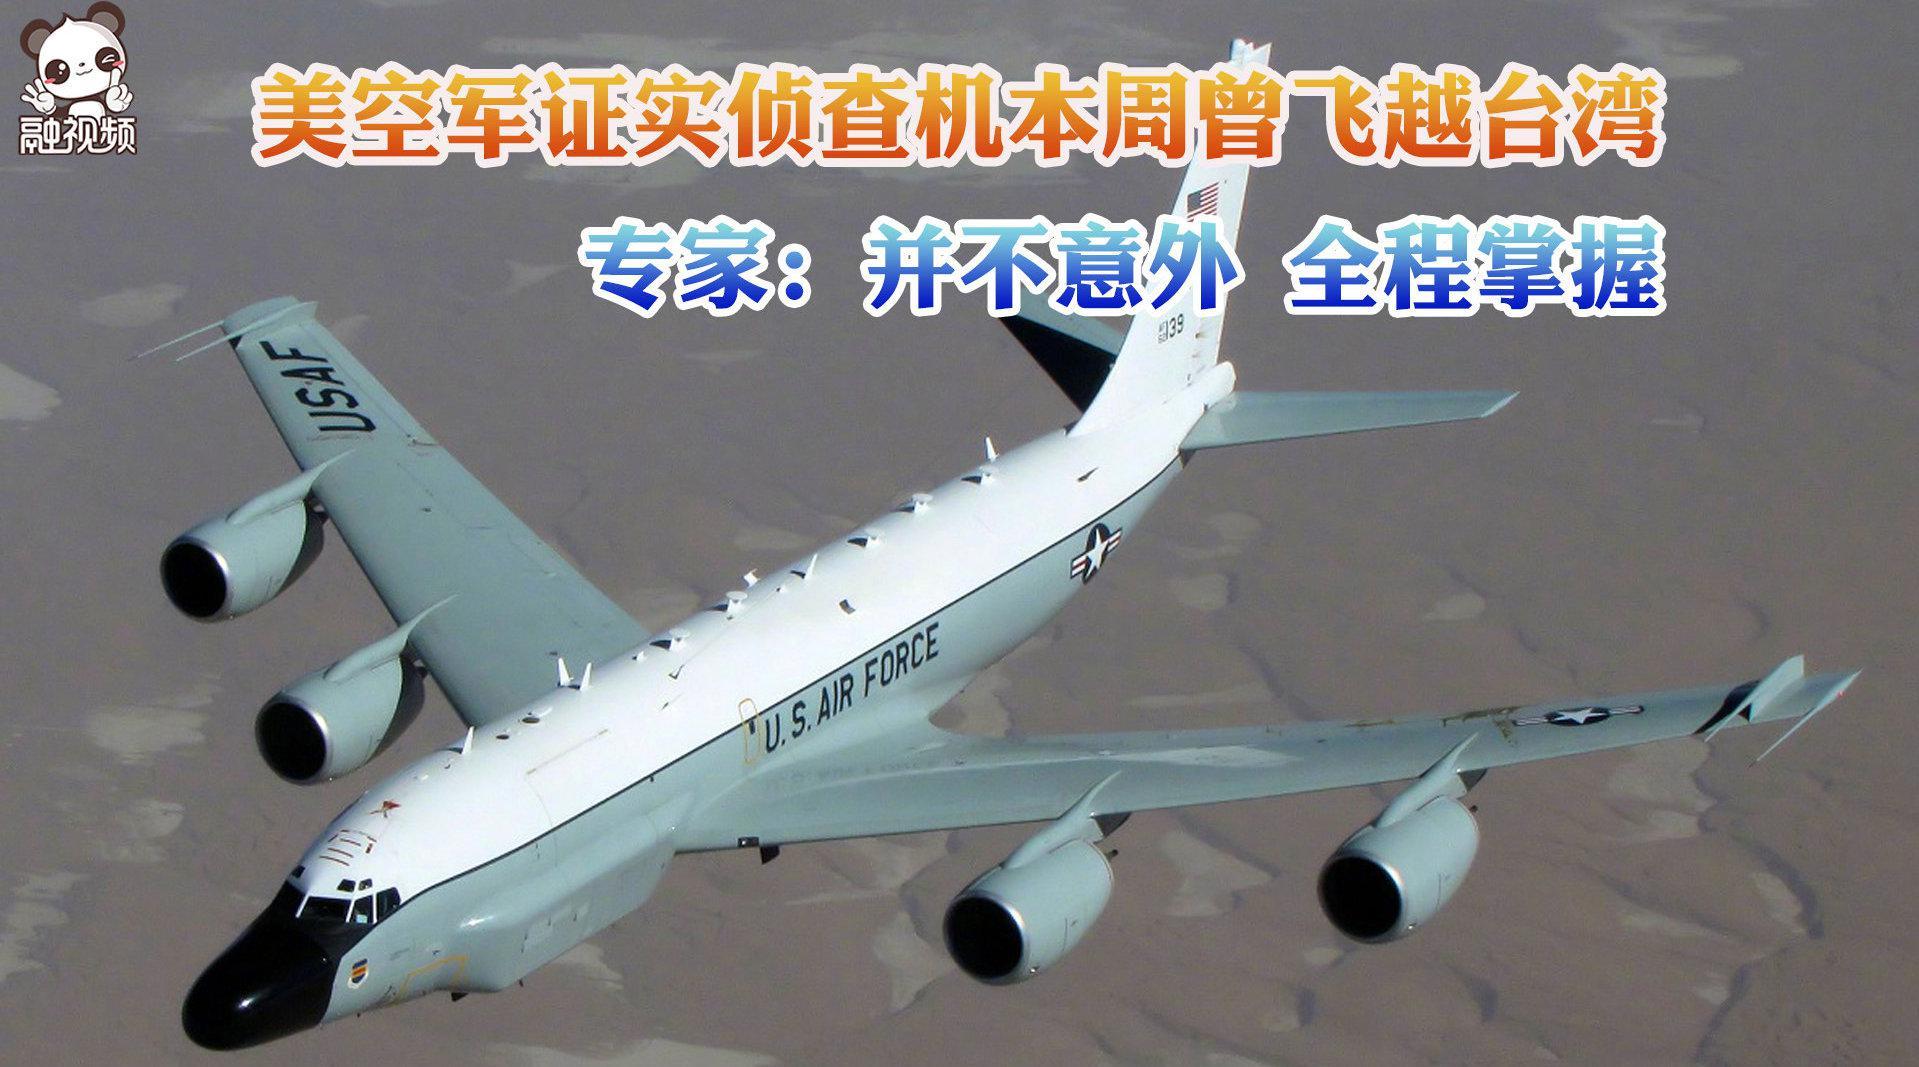 美空军证实侦查机本周曾飞越台湾 专家:并不意外 全程掌握